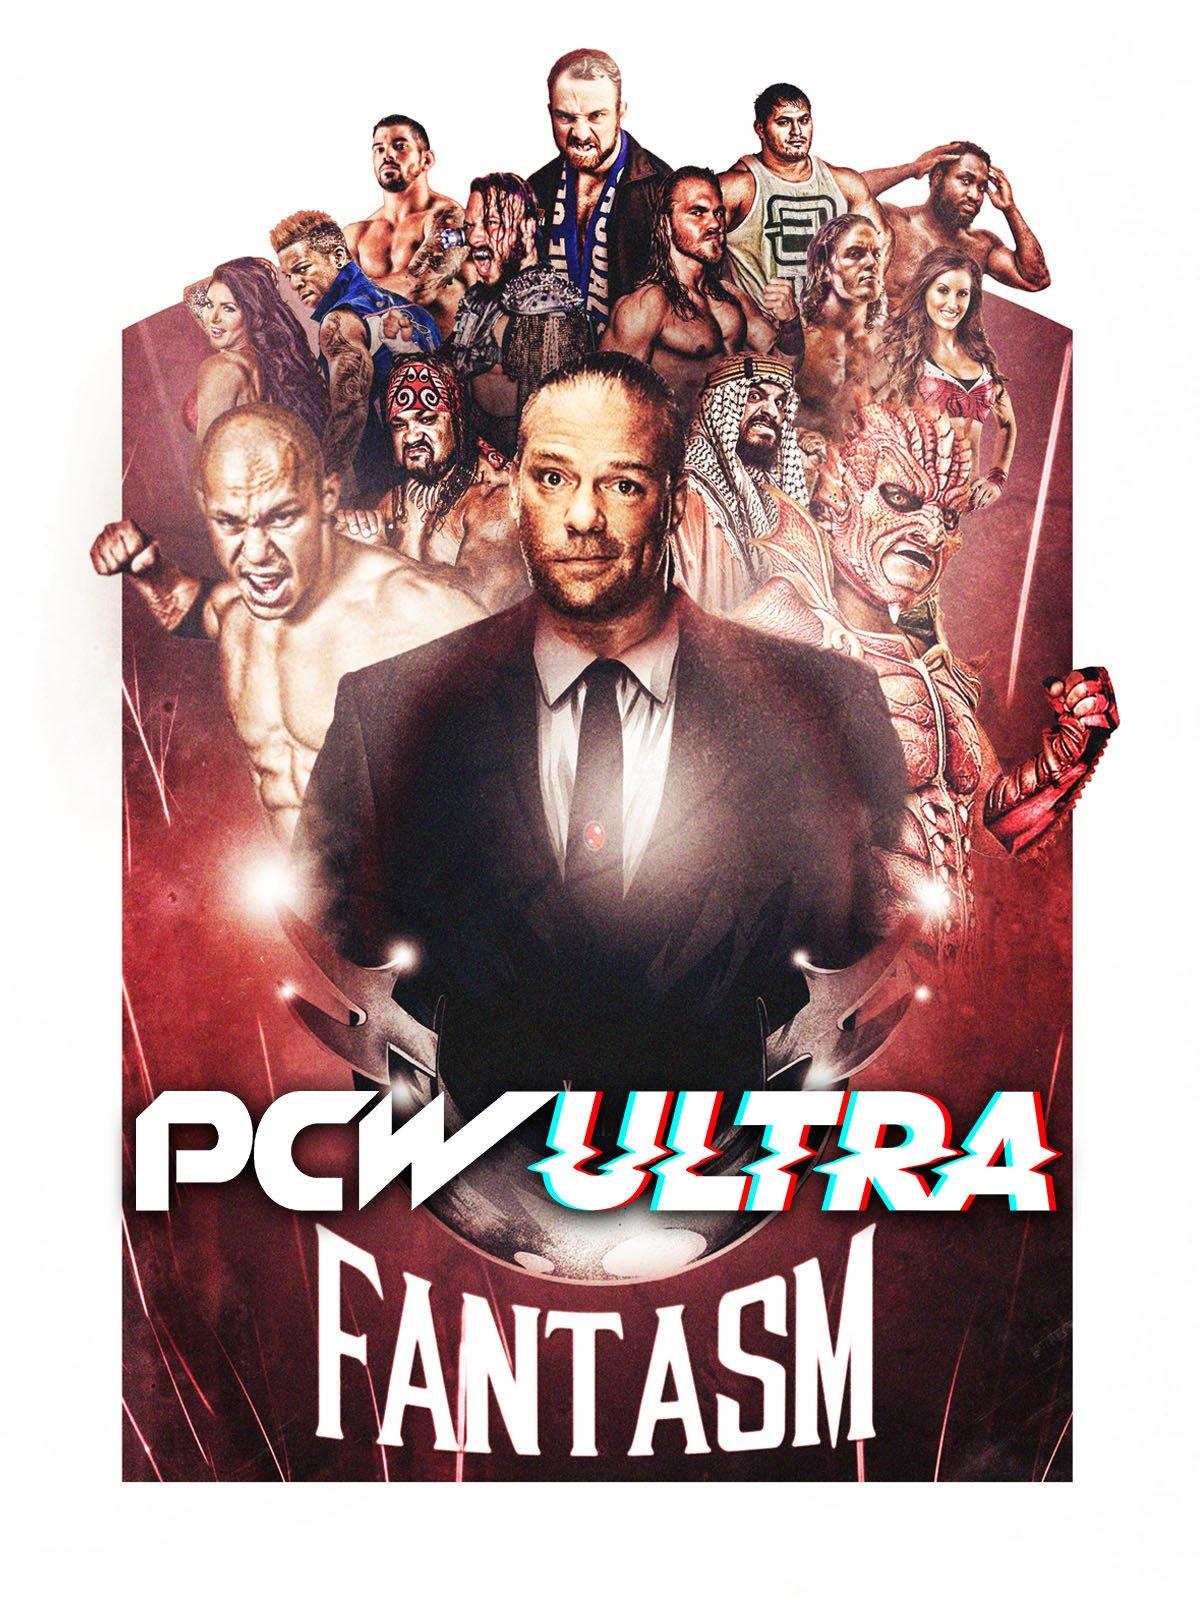 PCW Ultra Fantasm